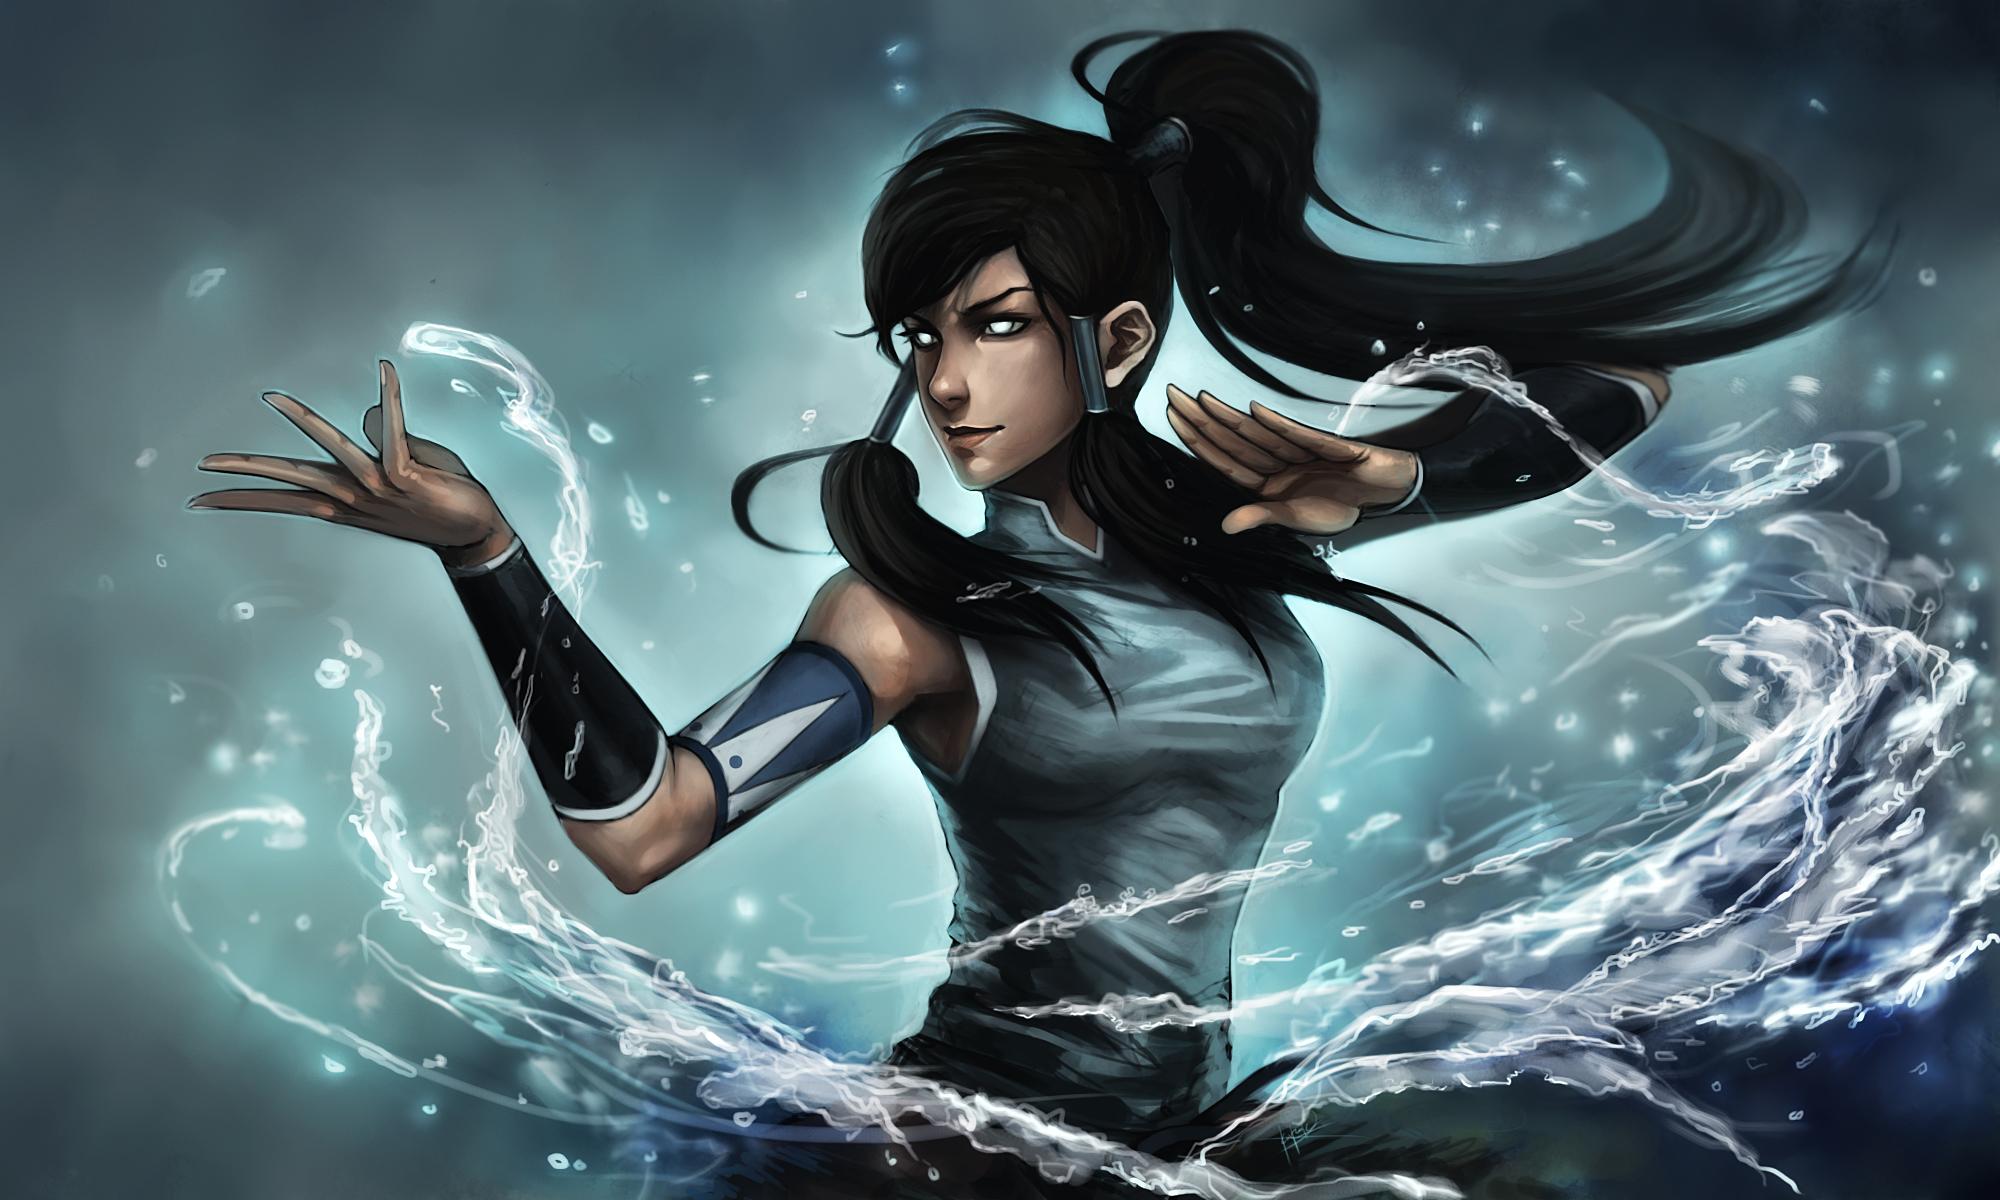 Avatar The Legend Of Korra Wallpaper Zerochan Anime Image Board